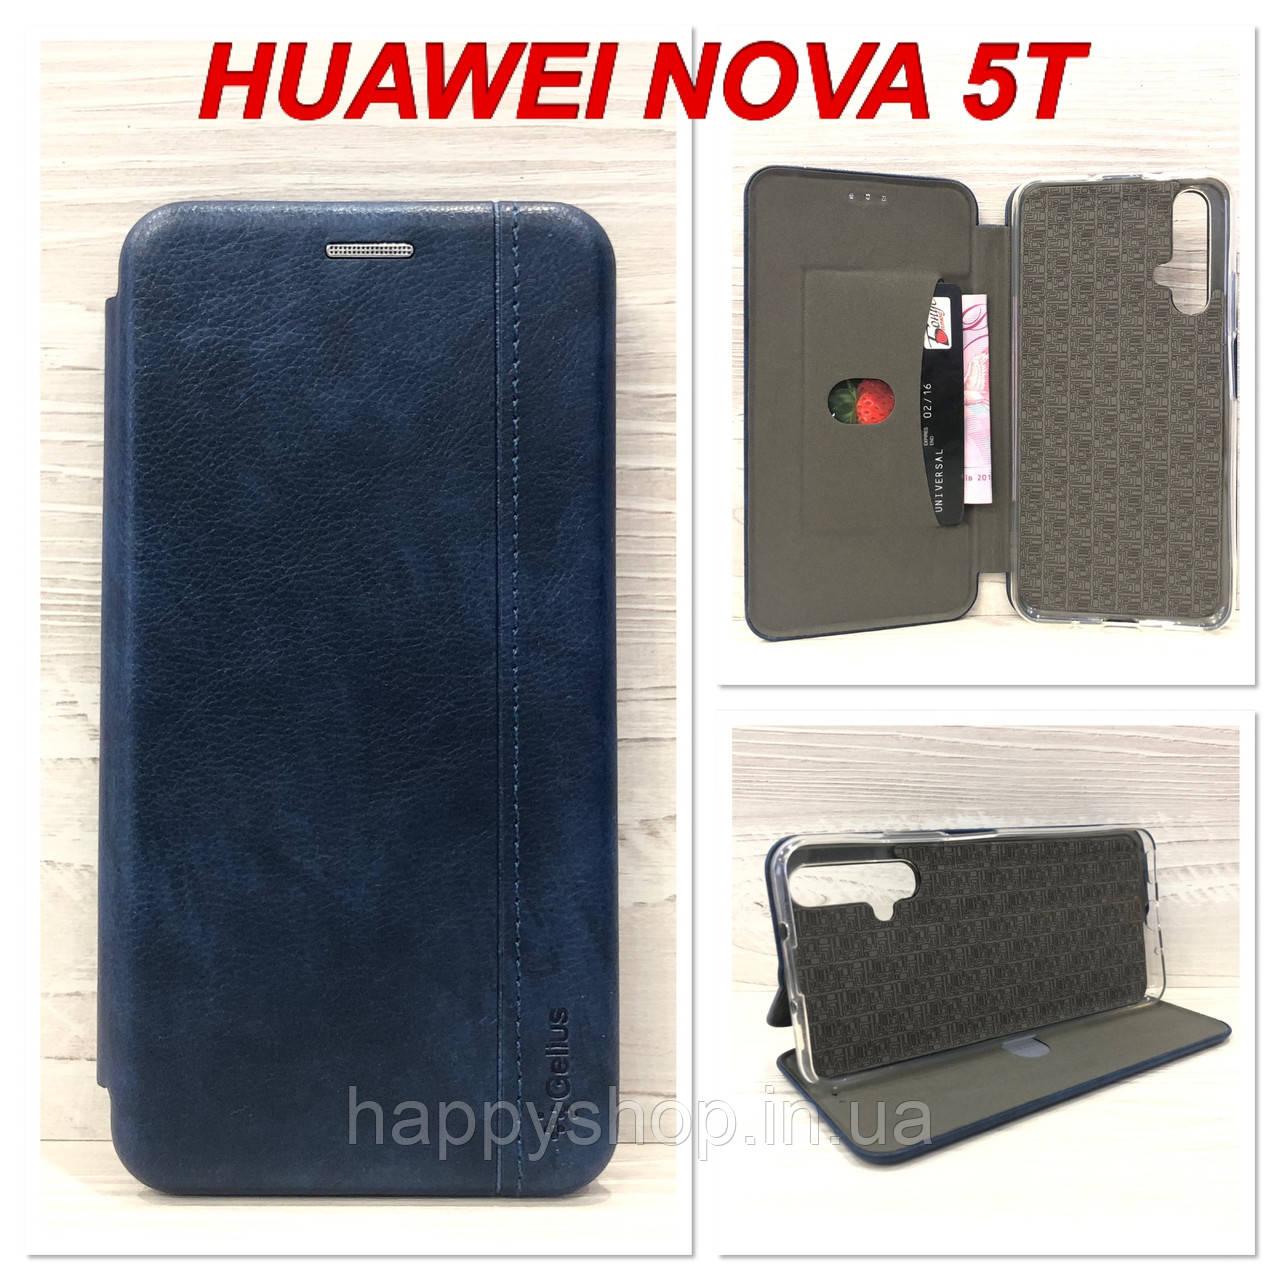 Чехол-книжка Gelius Leather для Huawei Nova 5t (Синий)